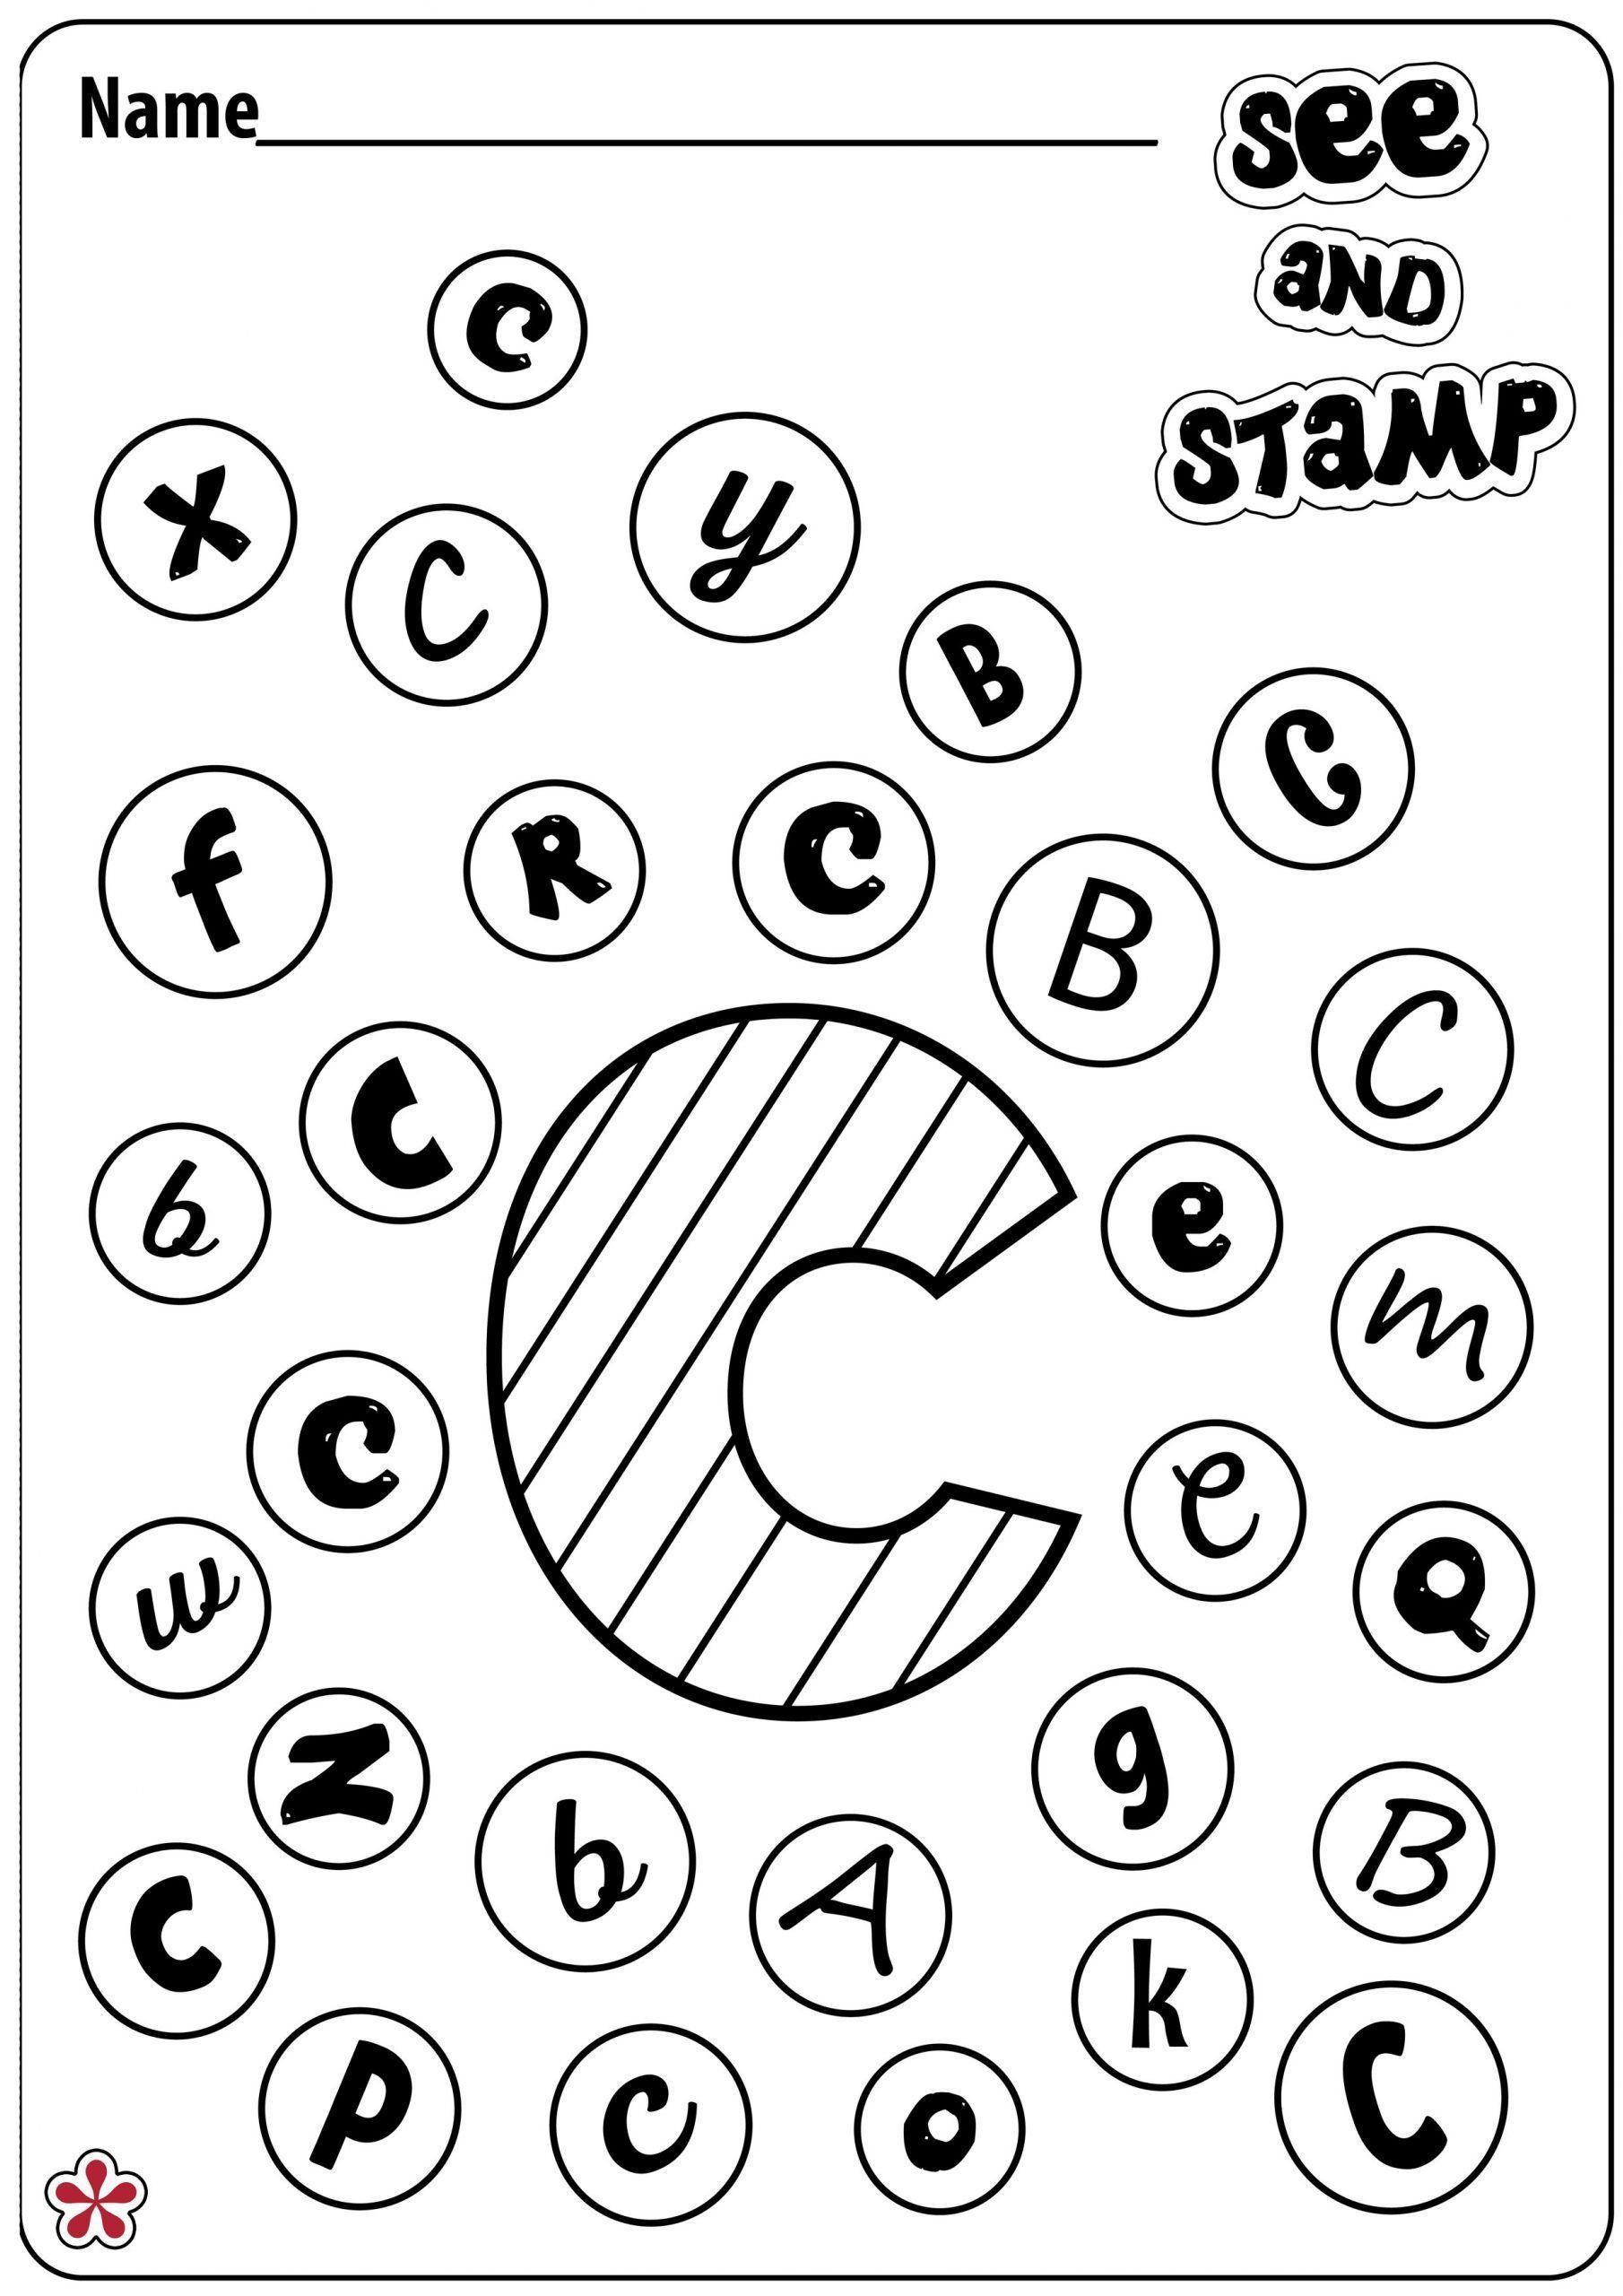 Letter C Worksheet For Kindergarten Lovely Letter C Worksheets Teachers Kindergarten Worksheets Printable Math Addition Worksheets Free Kindergarten Worksheets [ 2560 x 1810 Pixel ]